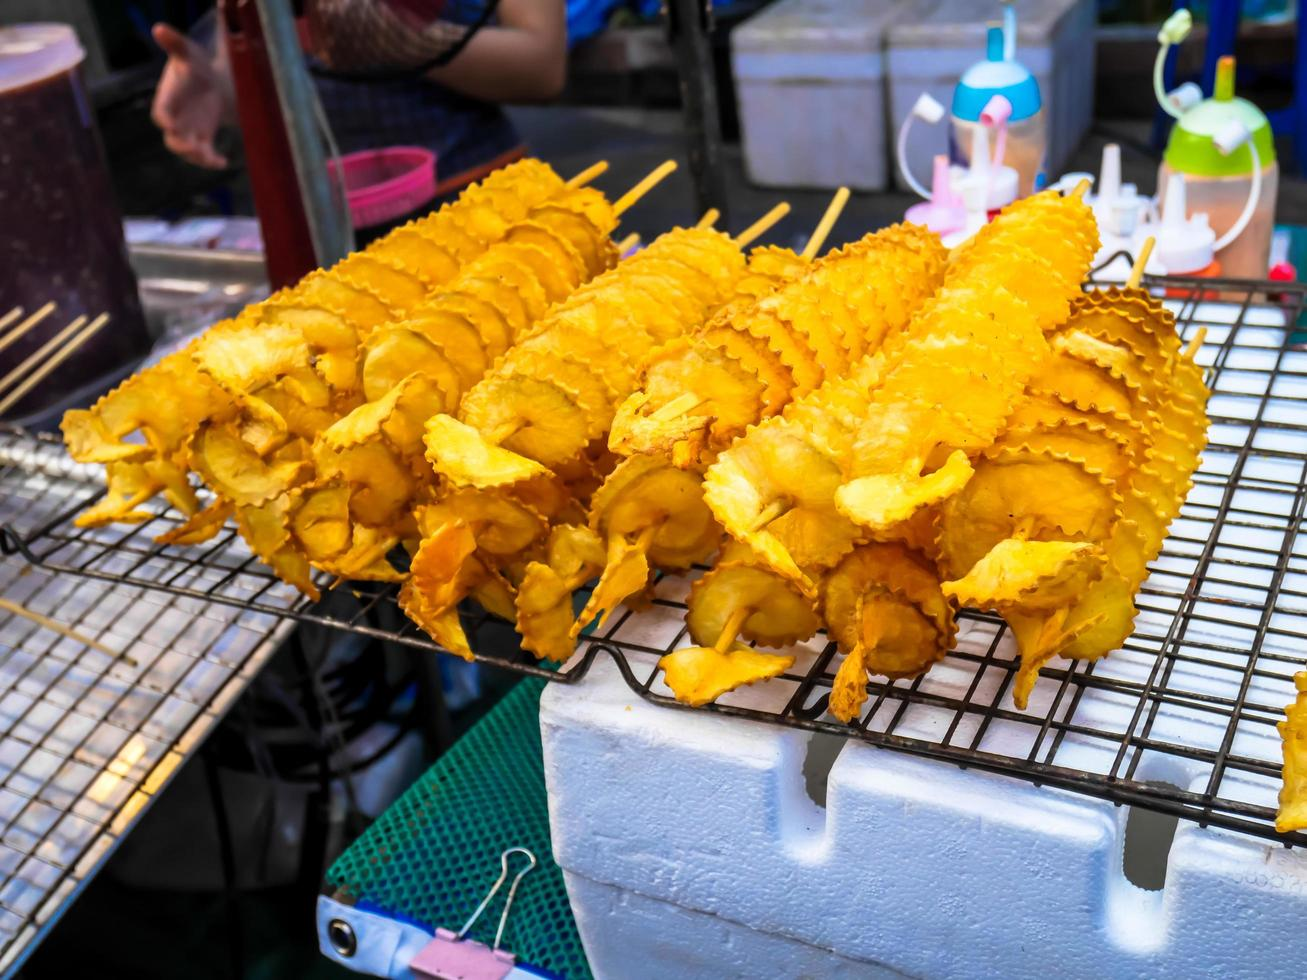 patate fritte a spirale, su bastoncini di legno, a spirale. vendere cibo al mercato. foto